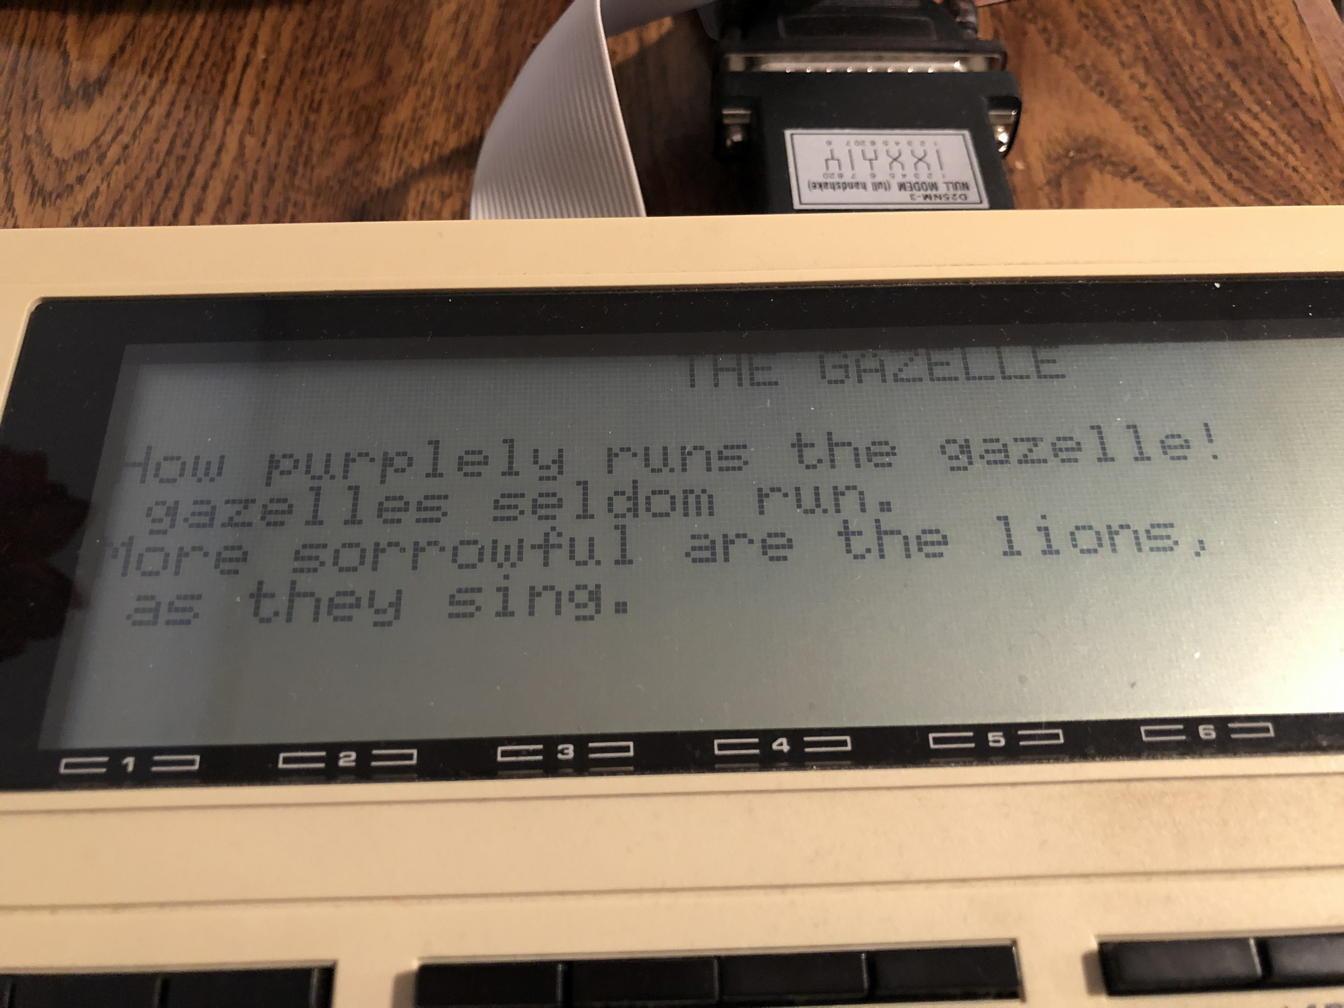 TRS-80 Model 100 gazelle poetry